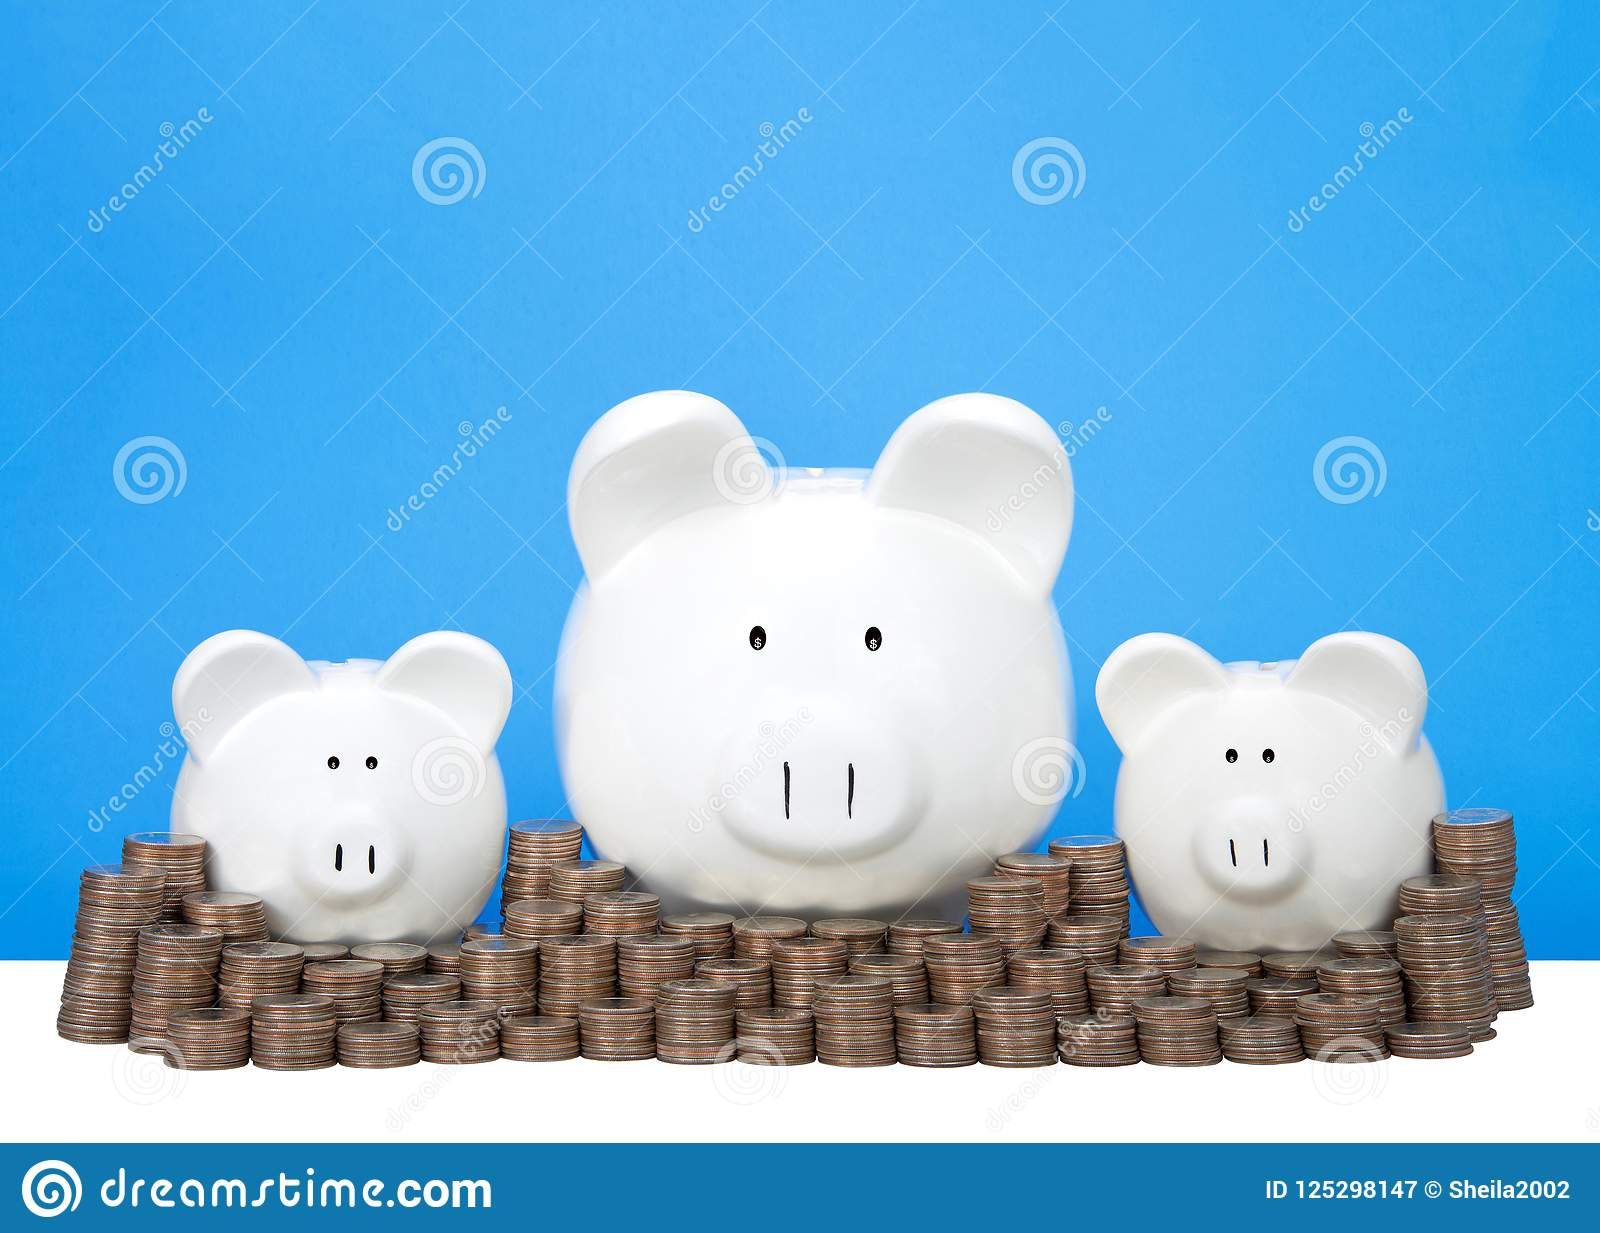 Drie spaarvarkens op een rij met stapels van muntstukken blauwe achtergrond